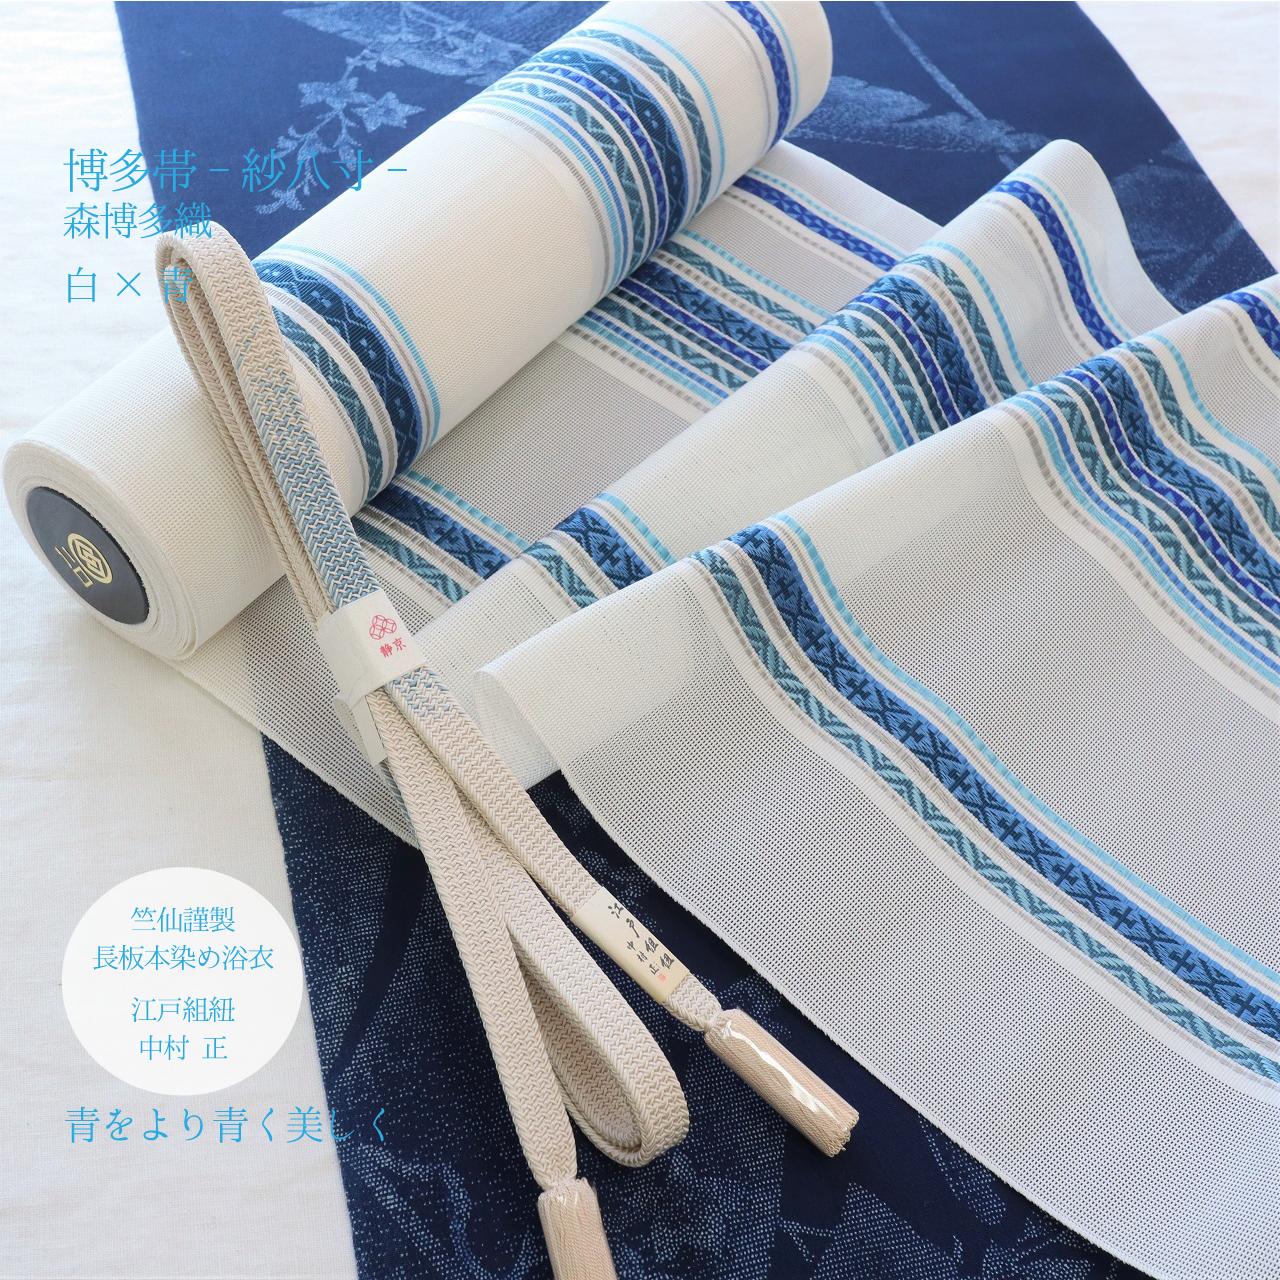 【期間限定のオススメ品】涼やかな透明感の夏の紗 博多織名古屋帯